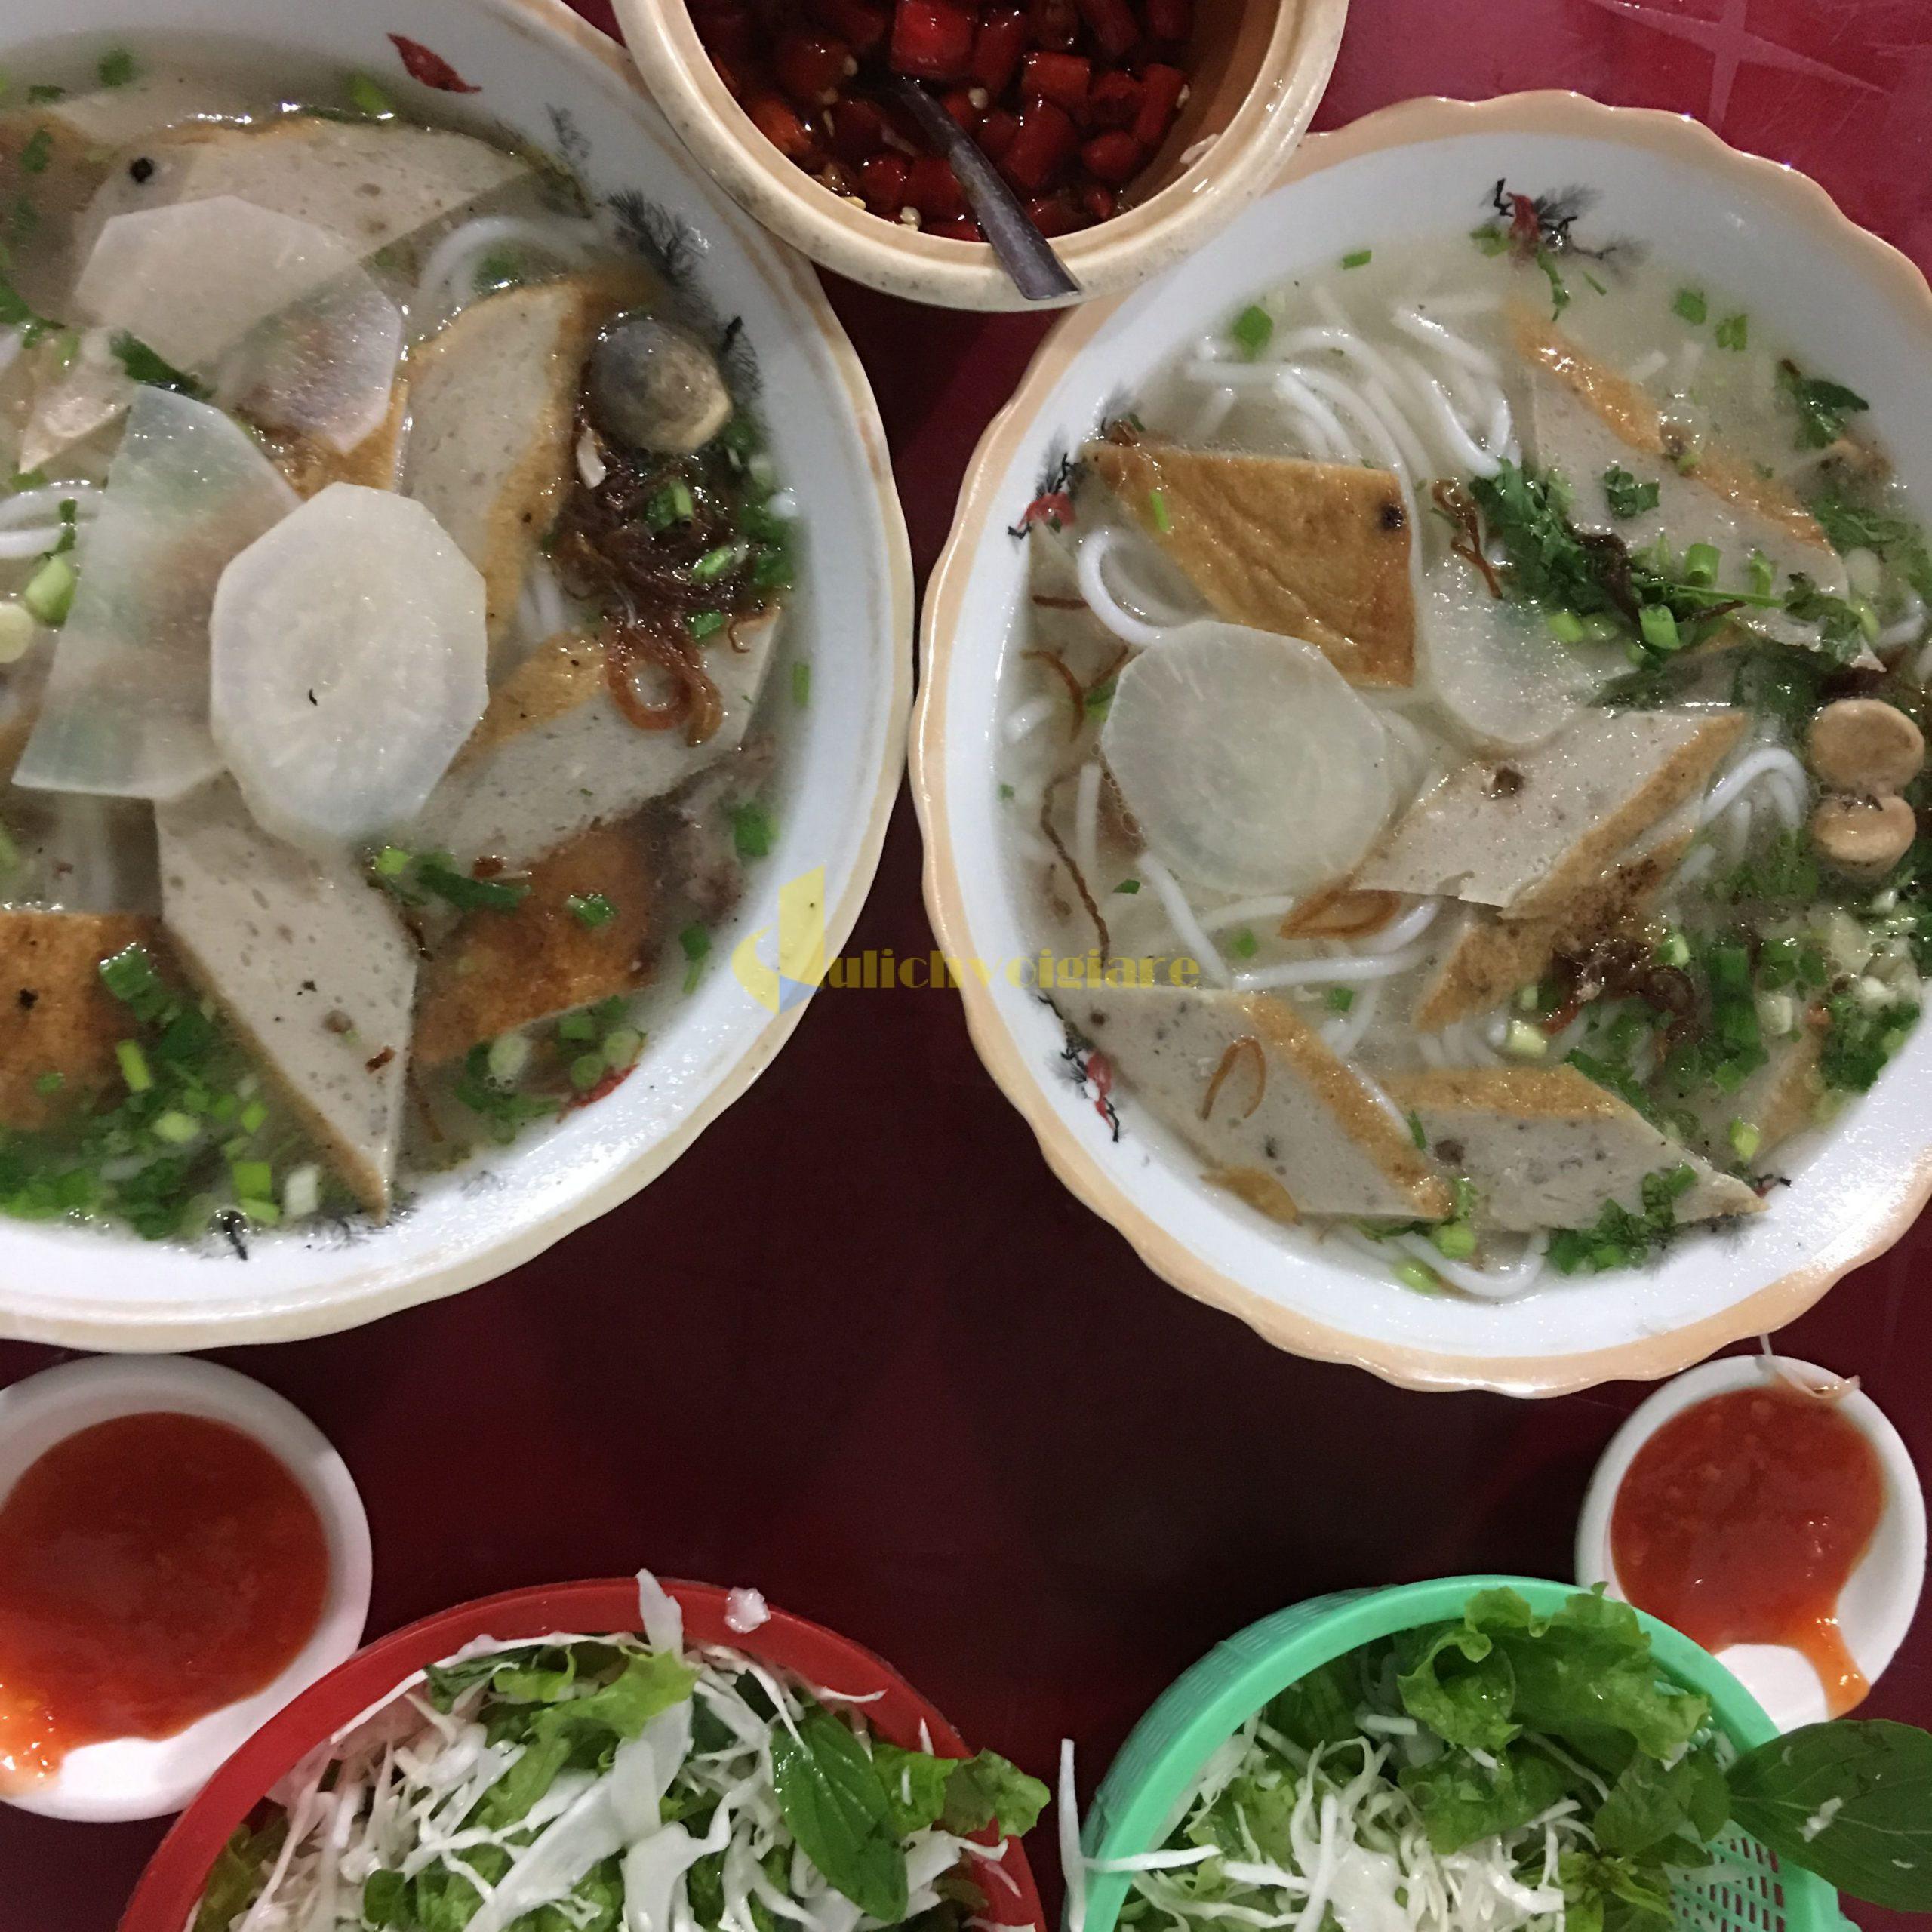 bún-bánh-canh-chả-cá-scaled Kinh Nghiệm Du Lịch Tự Túc Khi Tới Nha Trang